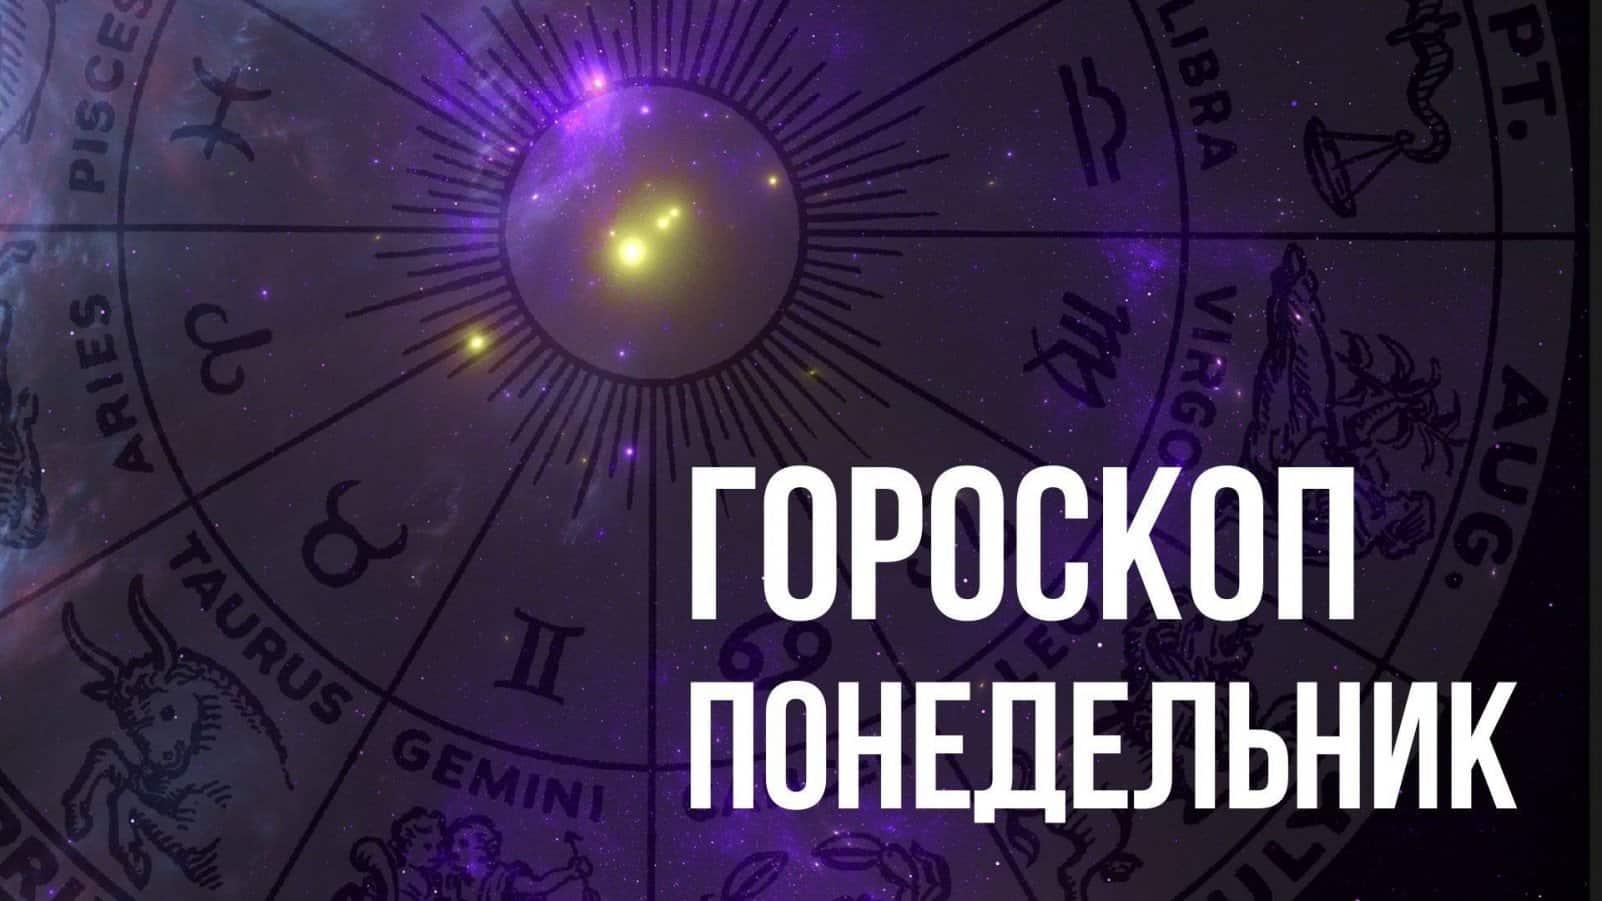 Гороскоп на понедельник 19 апреля для каждого Знака Зодиака